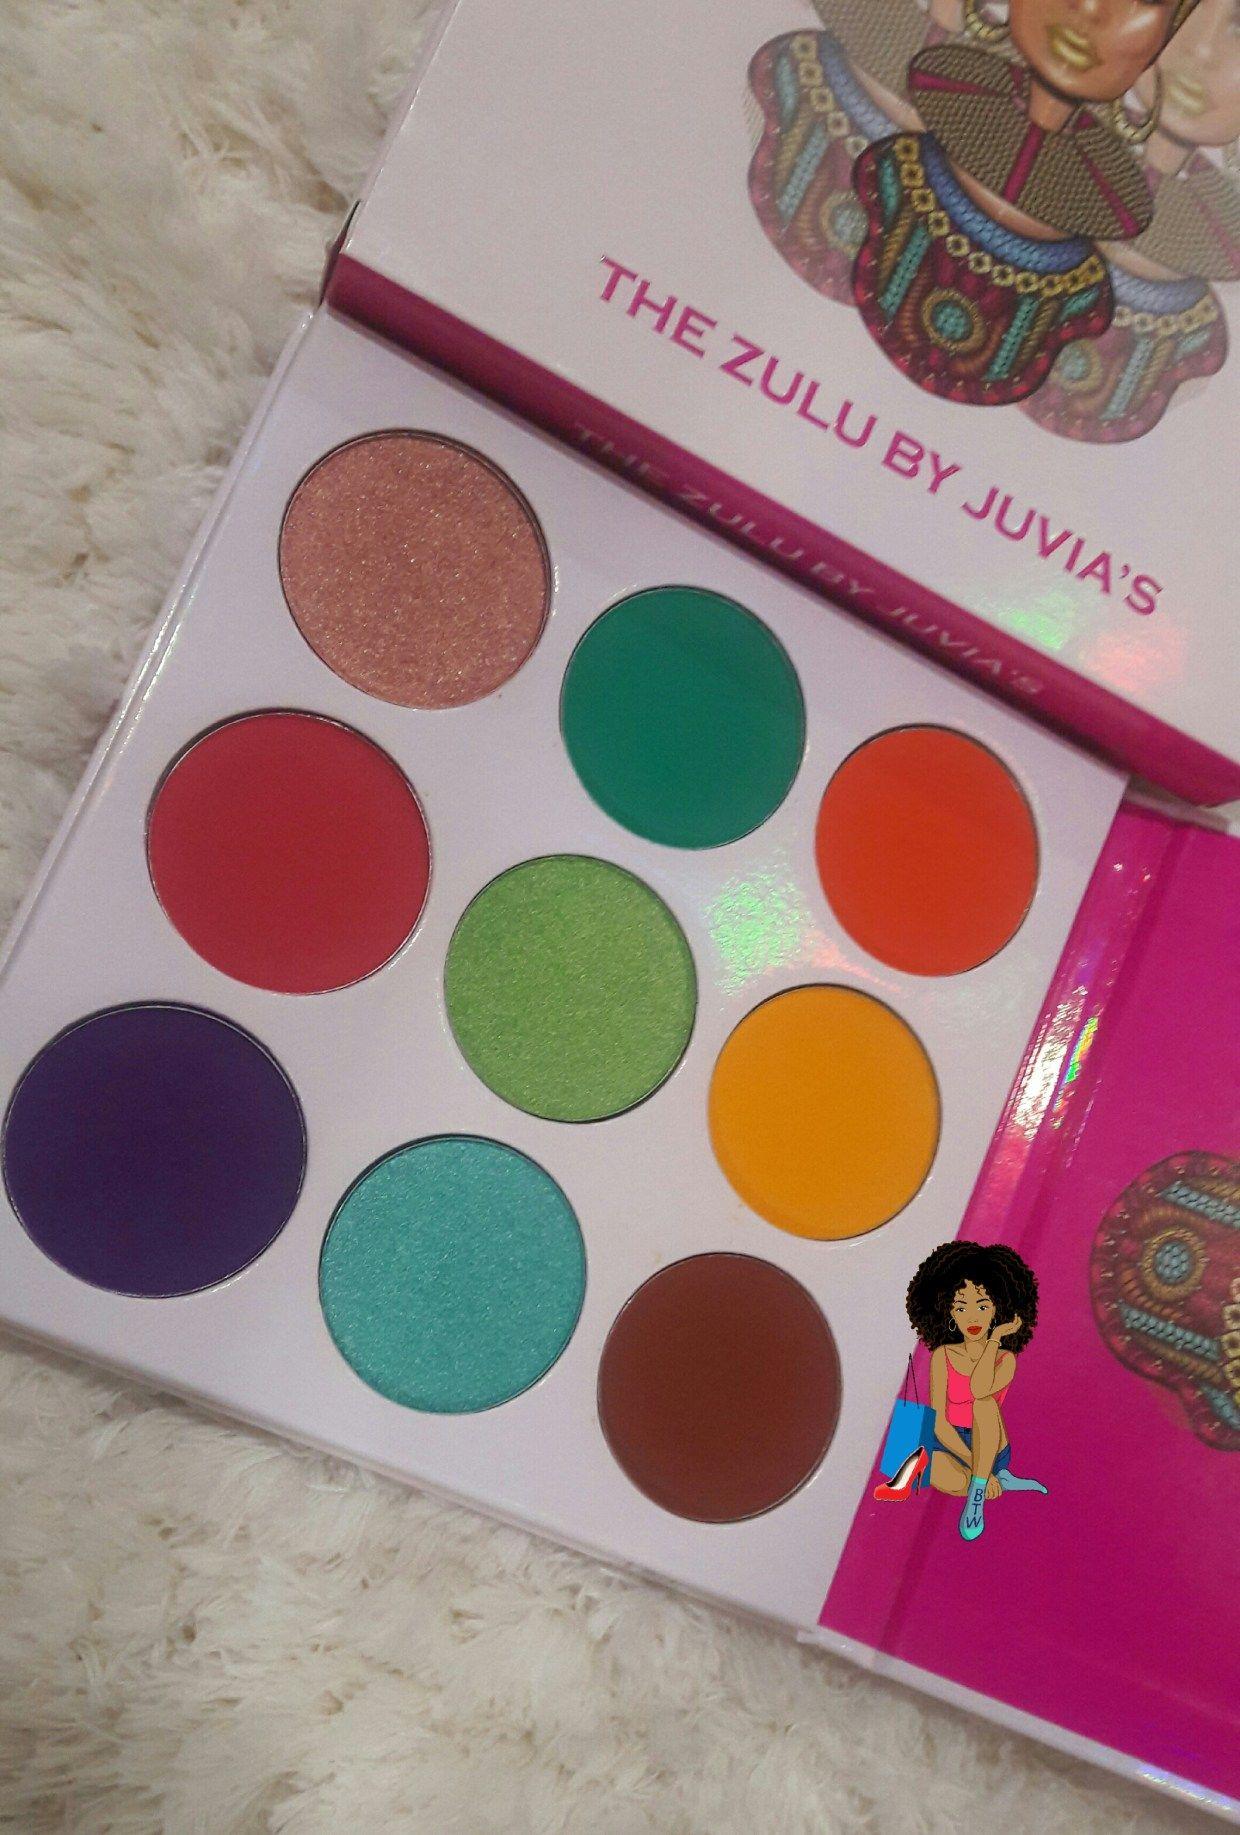 Juvia's Place Zulu Palette Review Palette, Zulu, Juvia